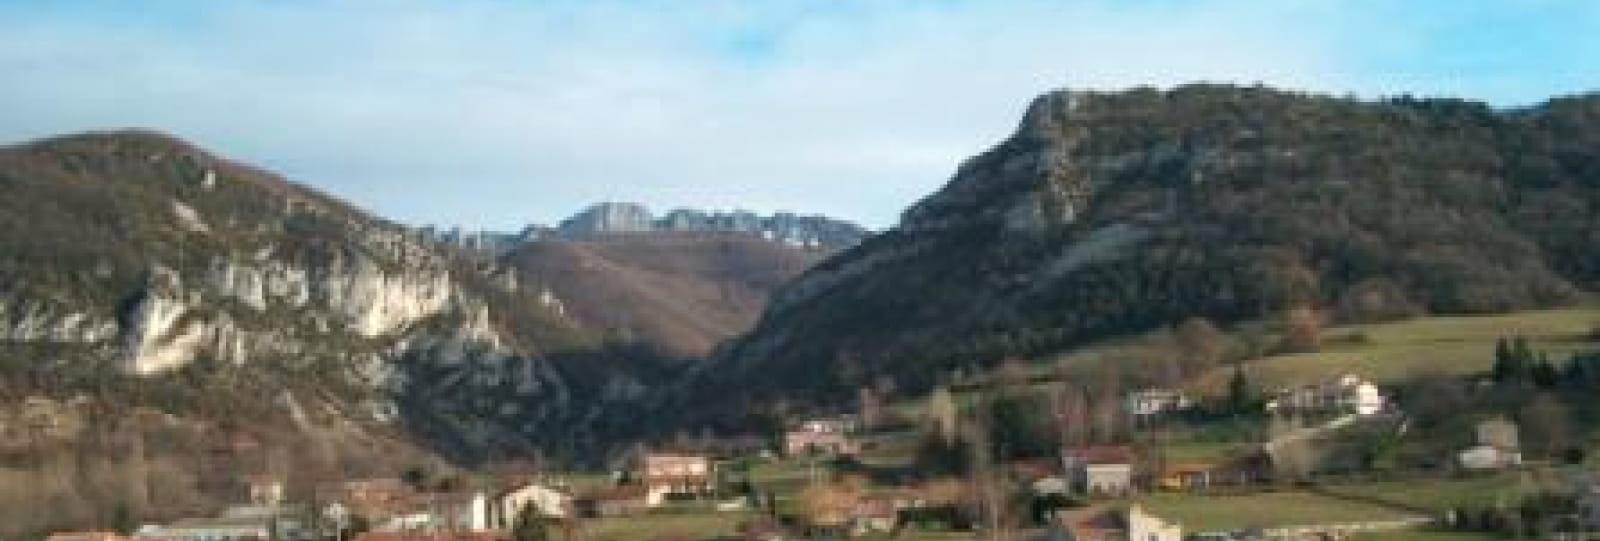 Village de Saint-Vincent-la-Commanderie